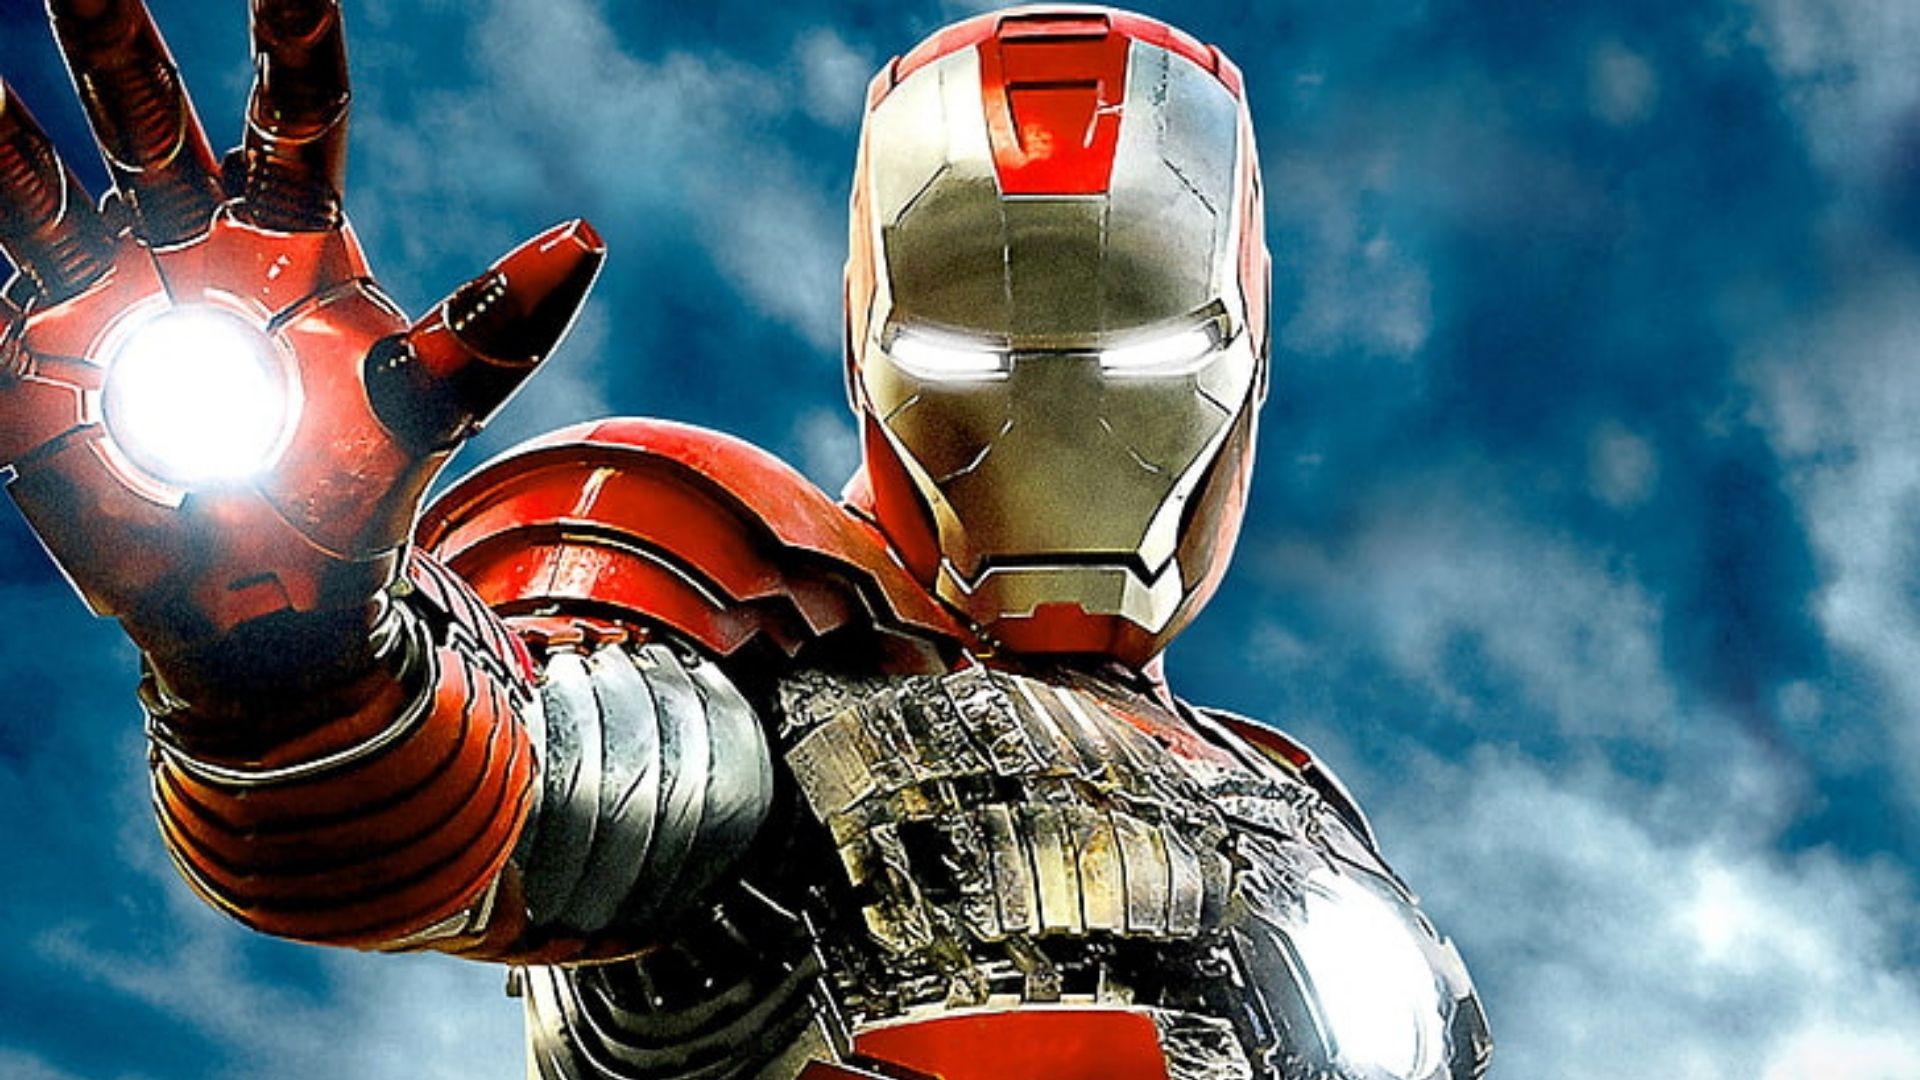 【マーベル映画】『アイアンマン2』のあらすじ、登場ヒーロー・ヴィラン一覧【MCUネタバレ注意】